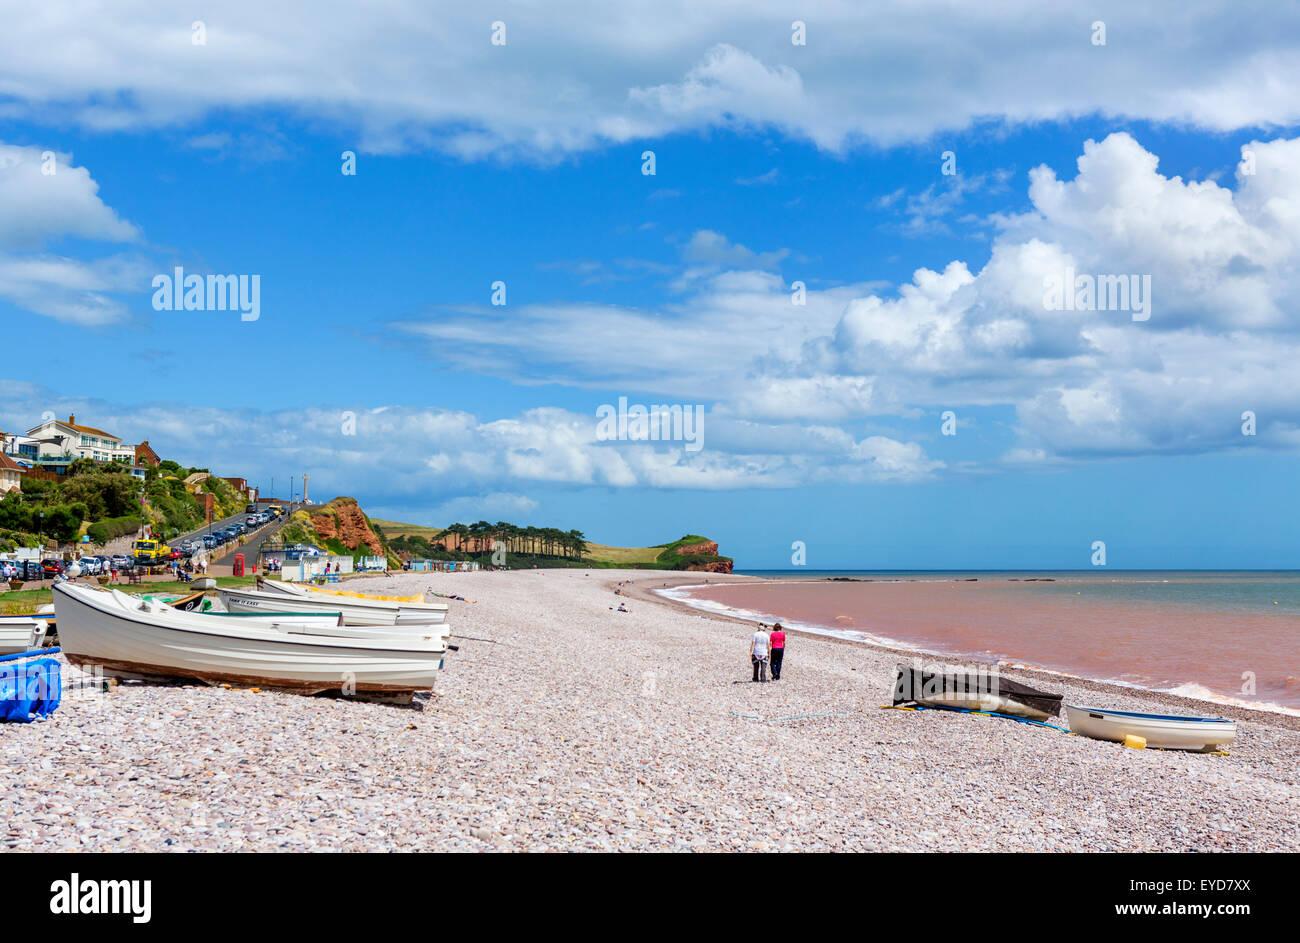 La plage de galets de Budleigh Salterton, Devon, England, UK Photo Stock